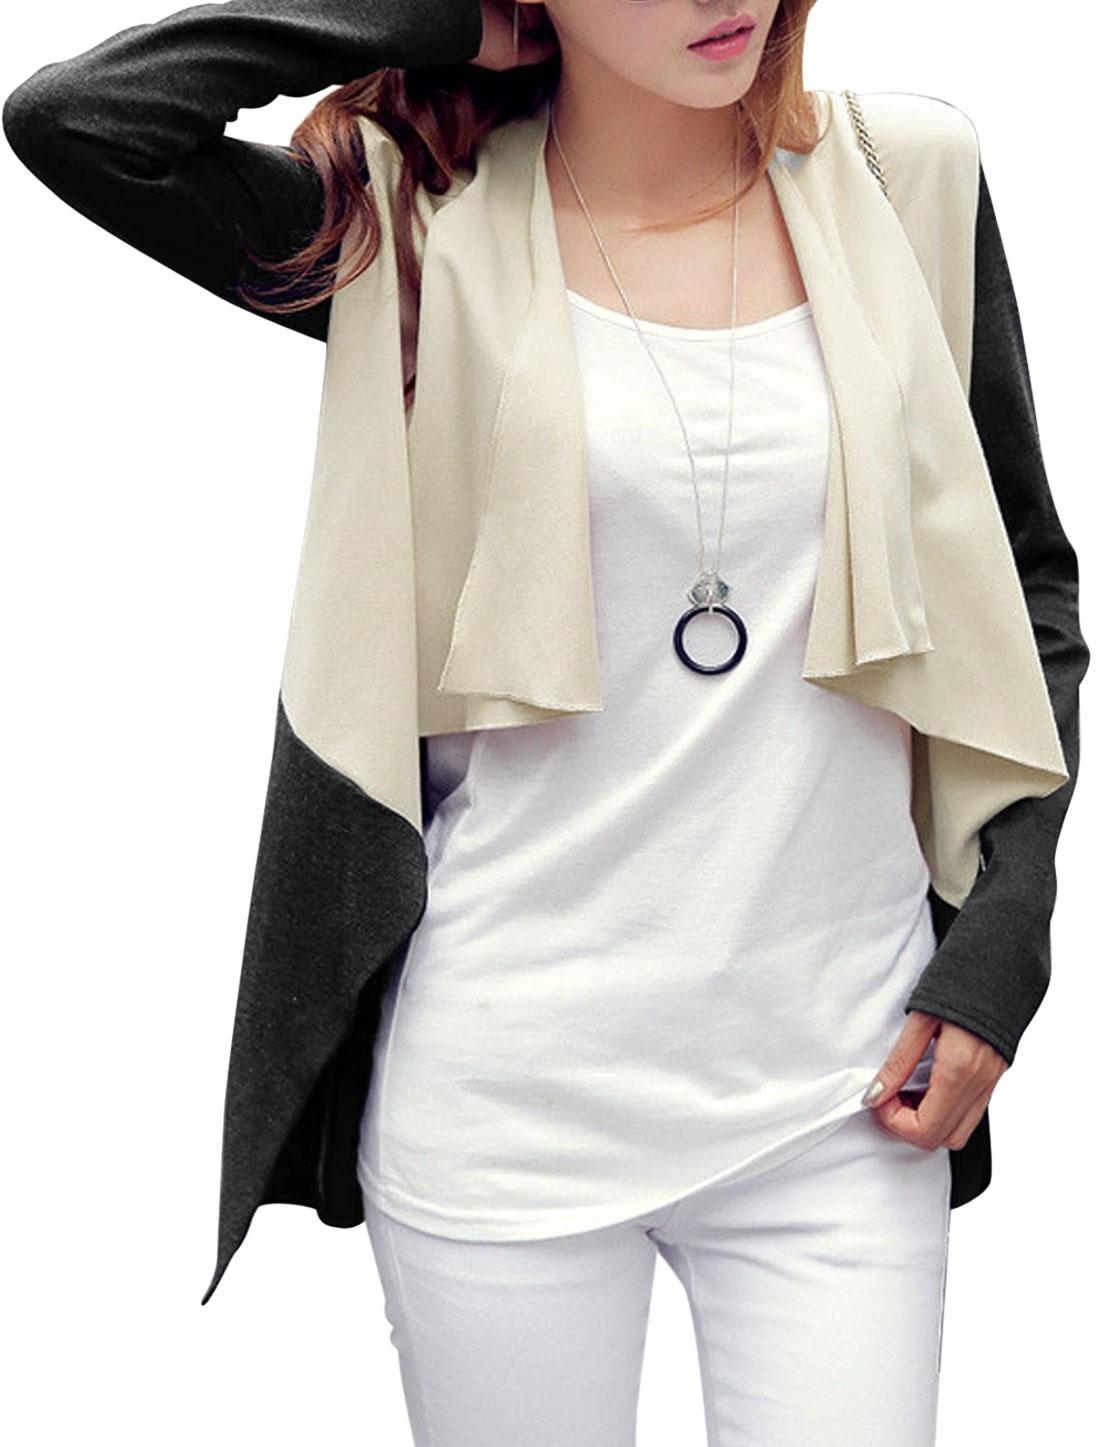 Women Ruffled Lapel Buttonless Chiffon Panel Fashion Light Jacket Beige Dark Gray S